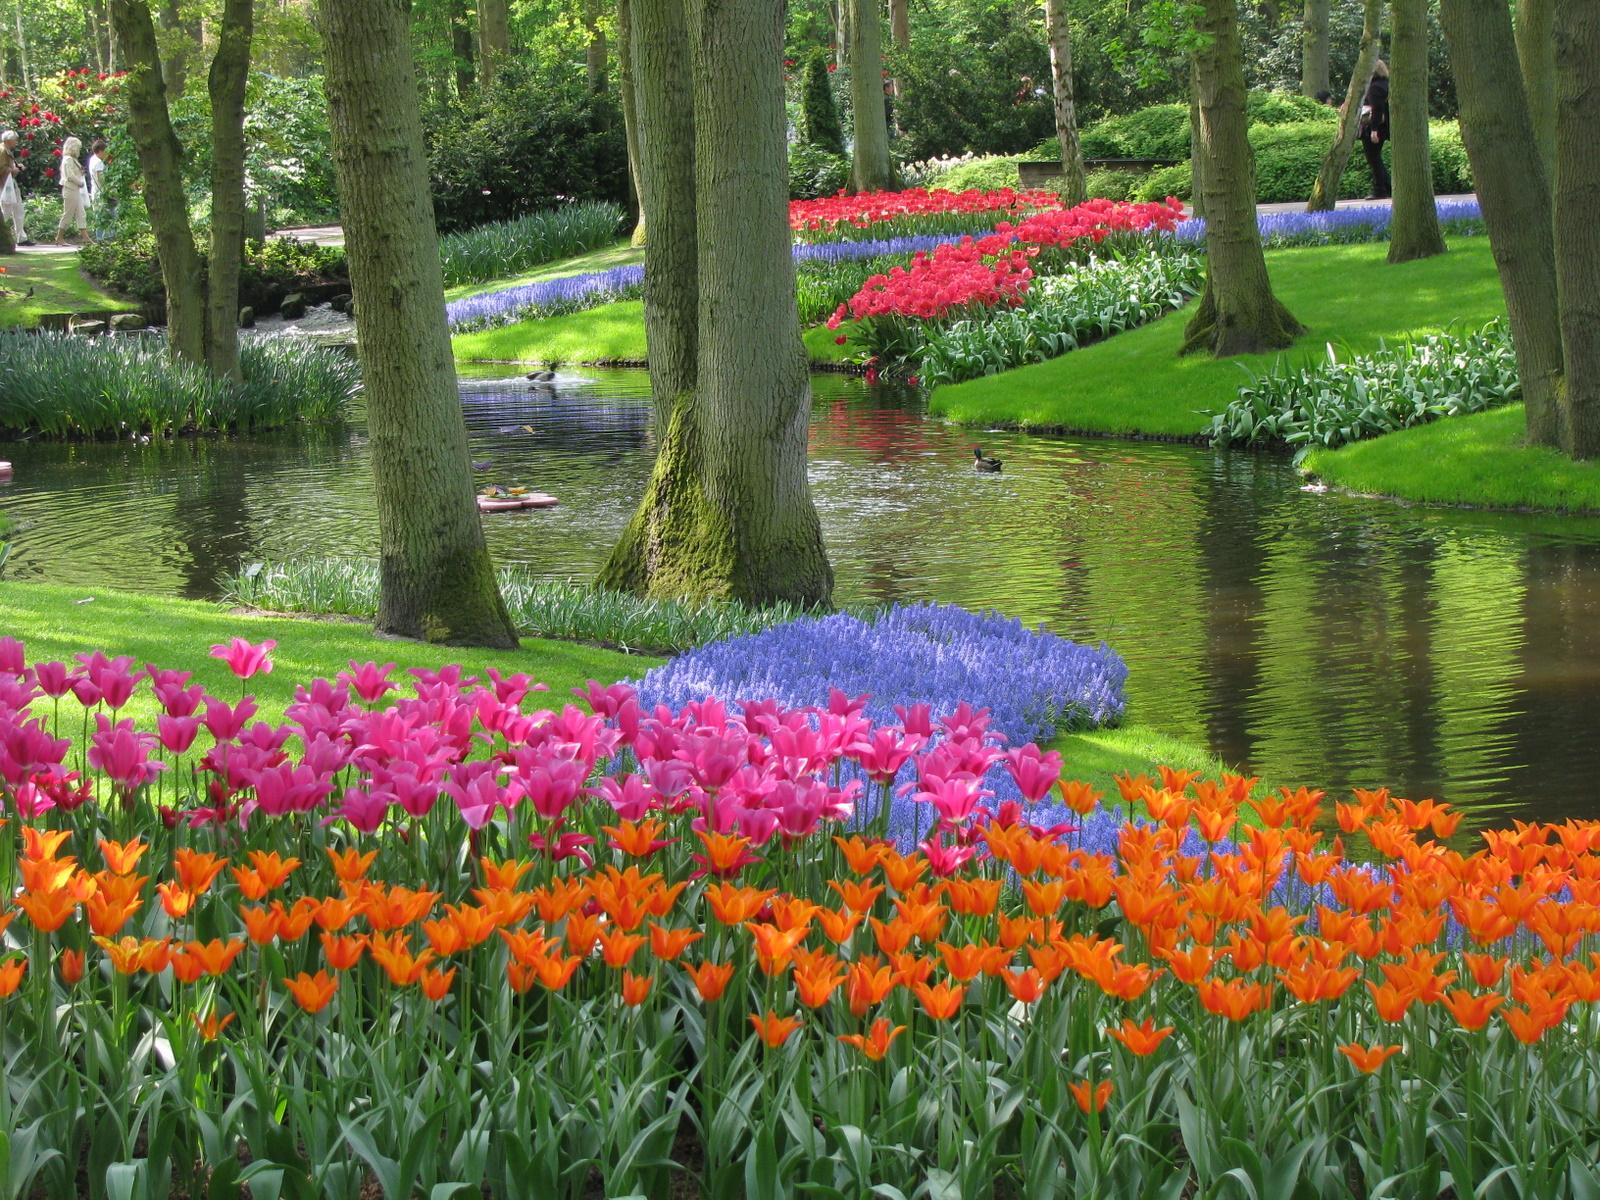 بالصور صور فصل الربيع , اروع صور لفصل الربيع وجماله 2841 3